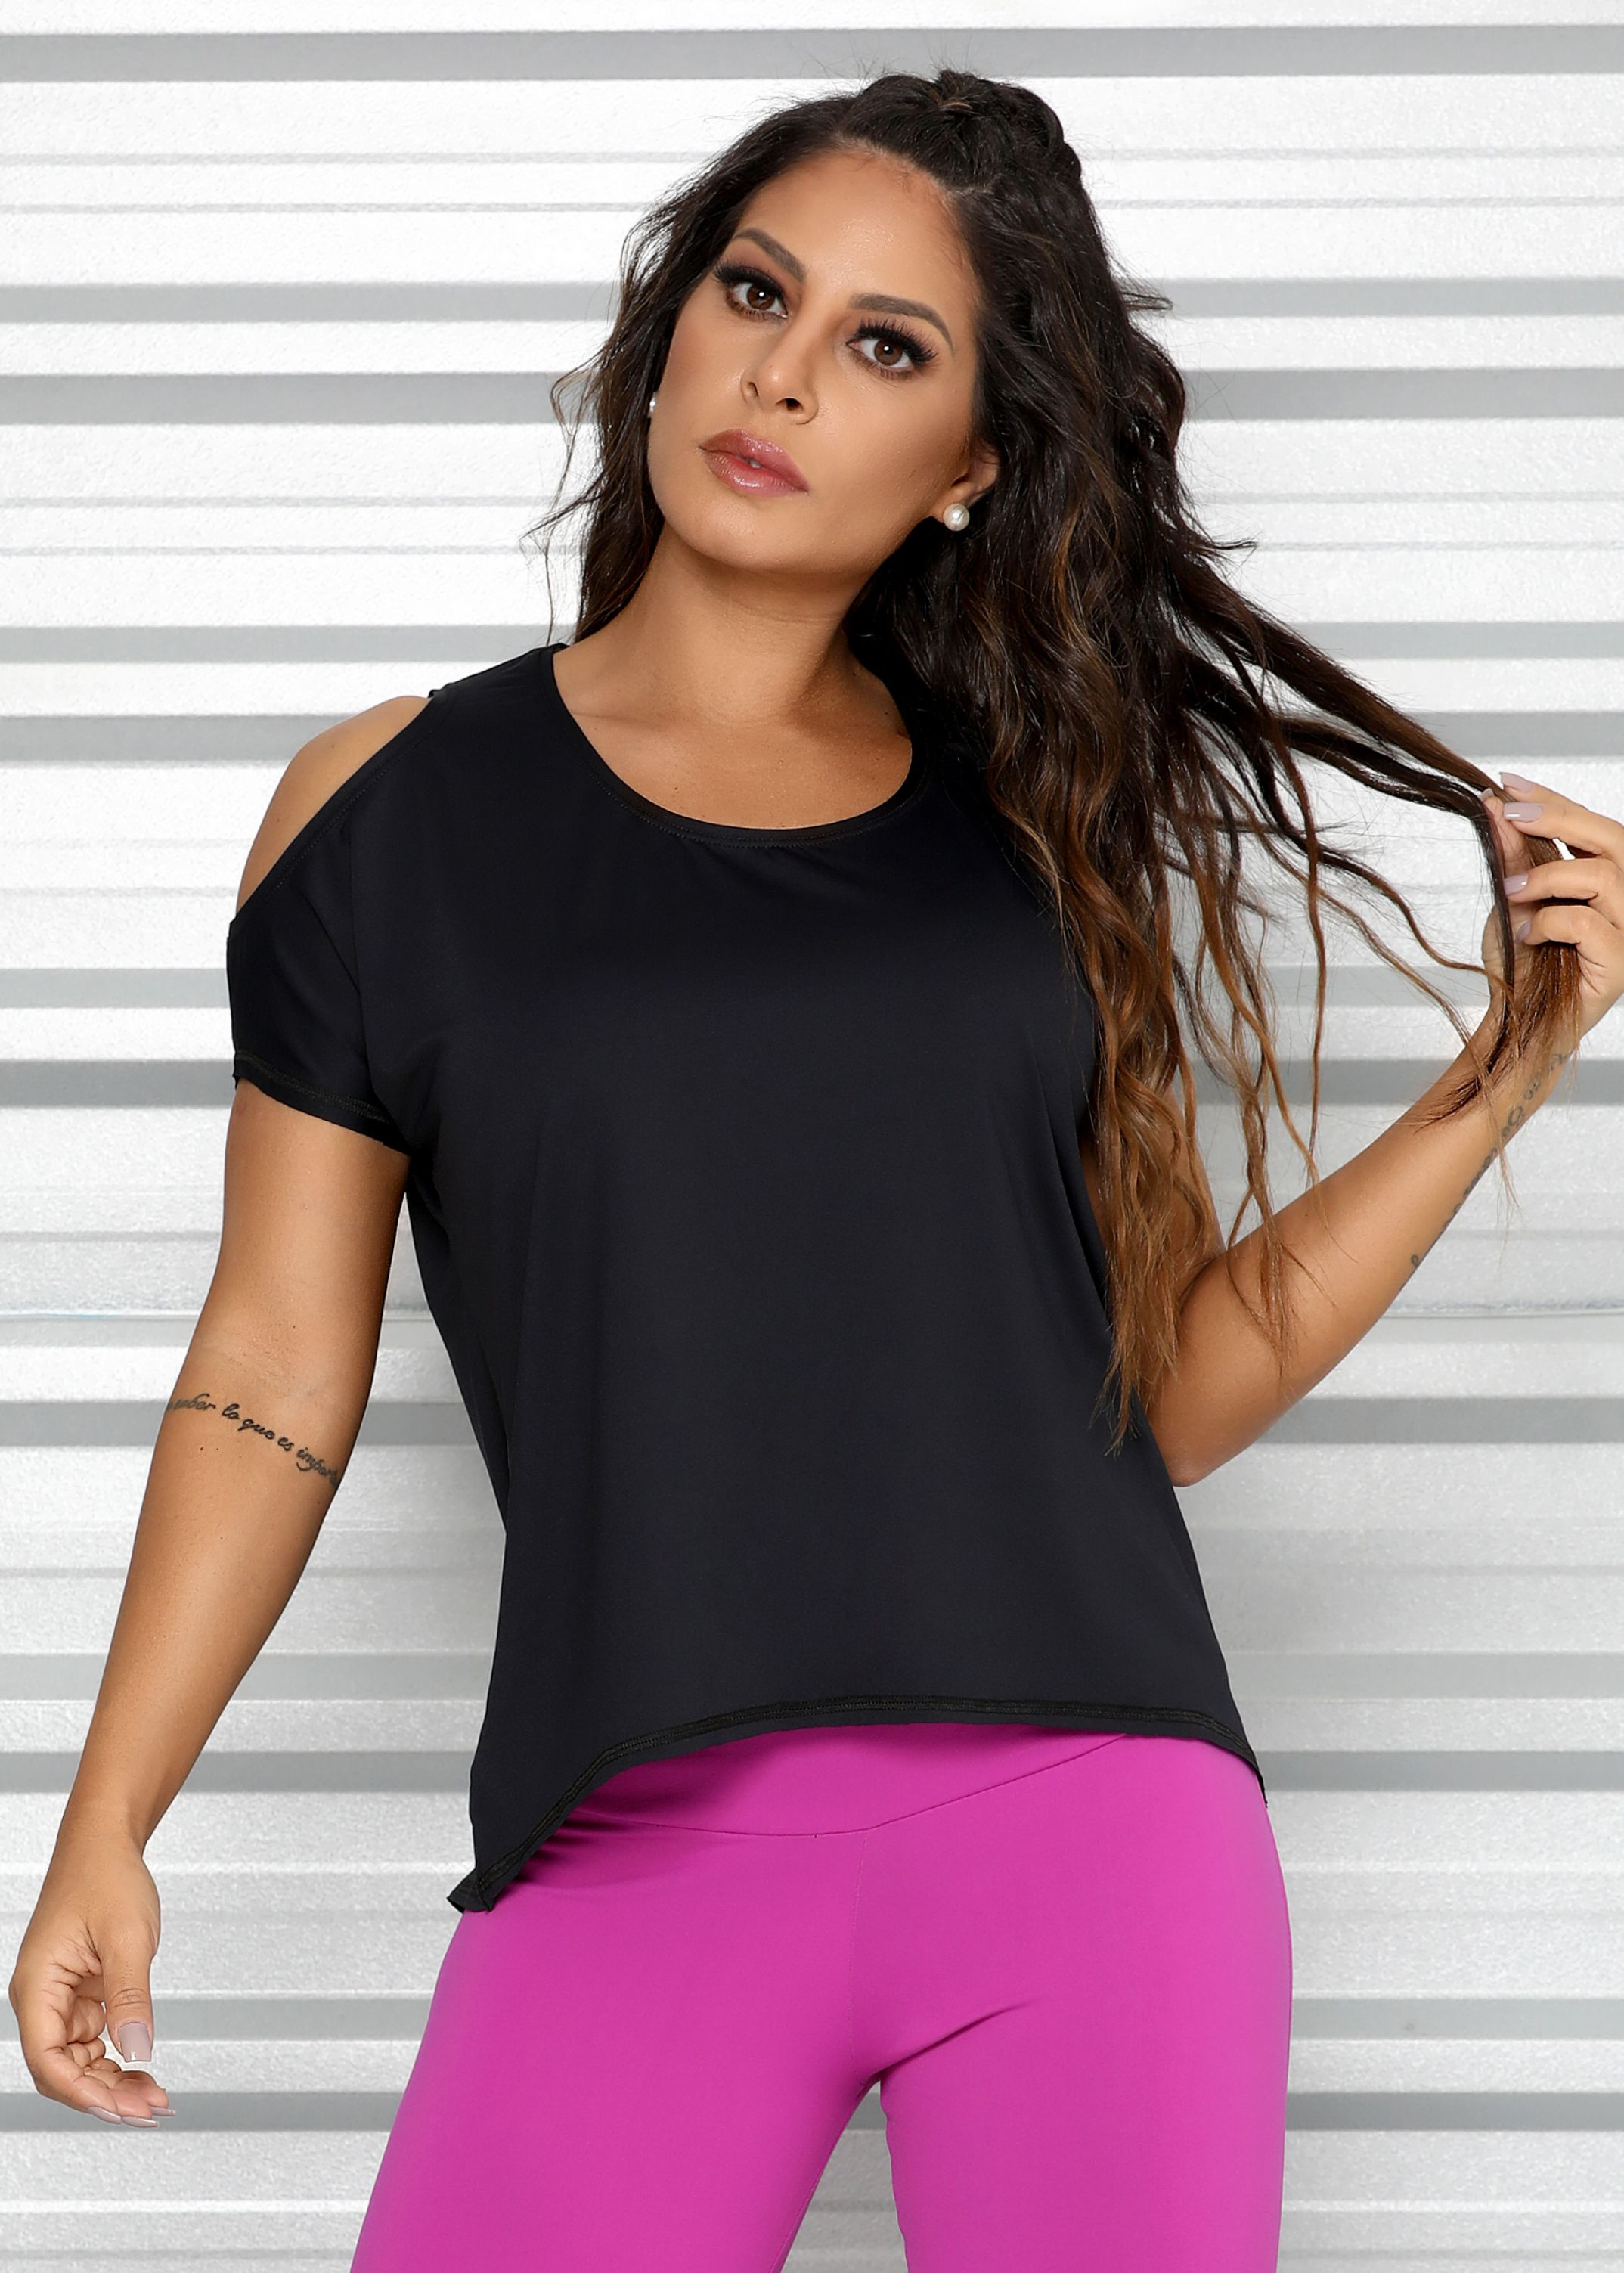 Camiseta Comfort Mullet com Ombro de Fora em Microfibra Geladinha - Donna  Carioca - Moda fitness com preço de fábrica 9106d7dc9a8